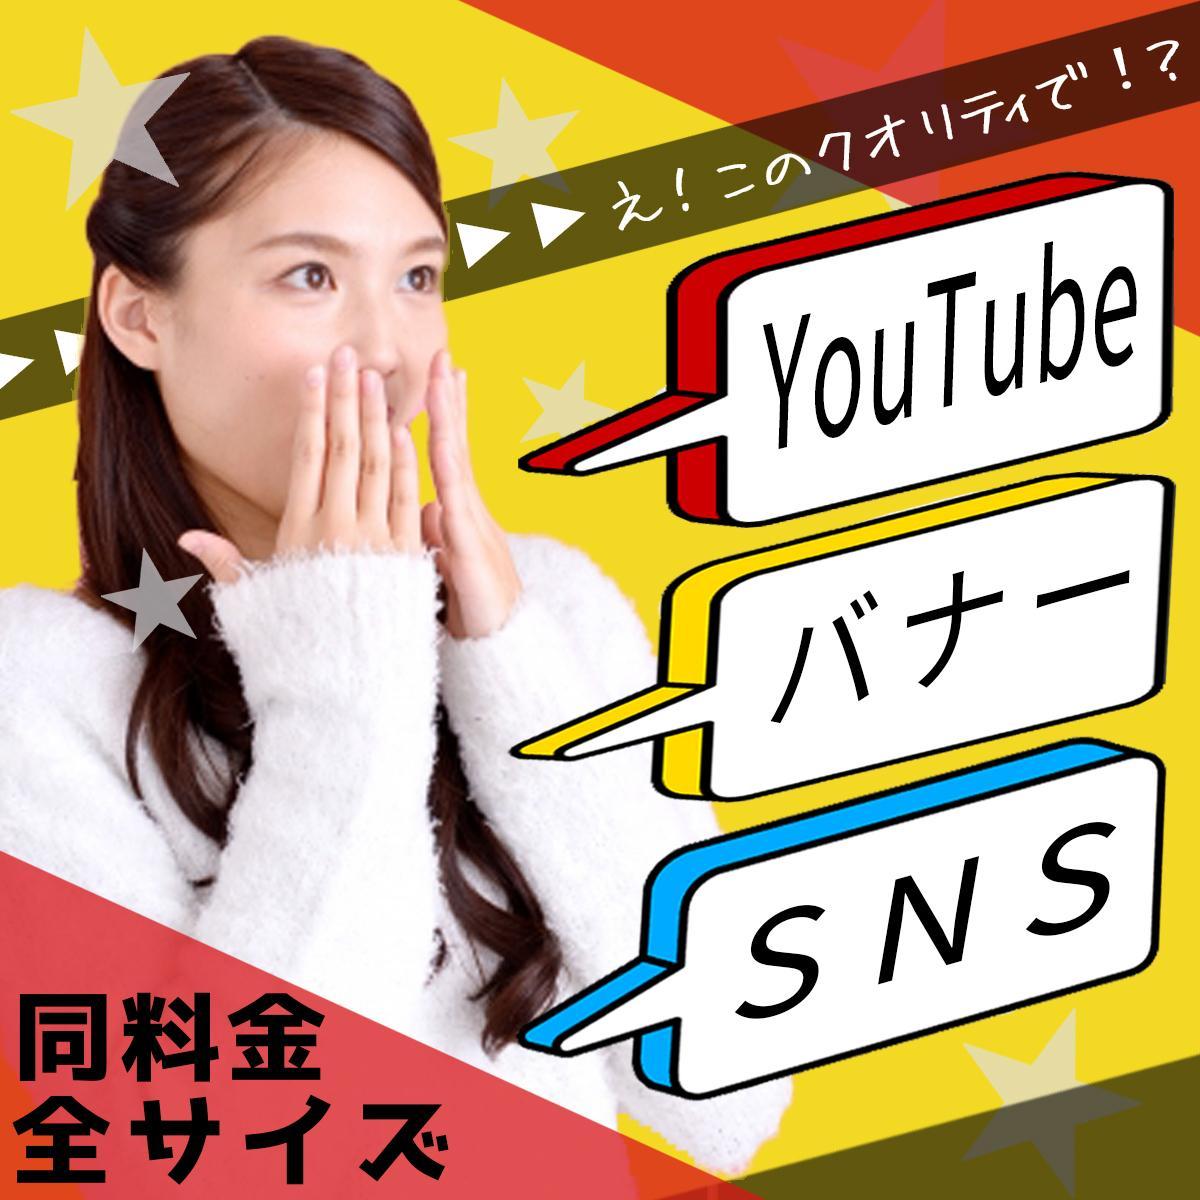 YouTube・バナー・SNSトップ画ます どれを選んでも、どのサイズでも¥2.000! イメージ1